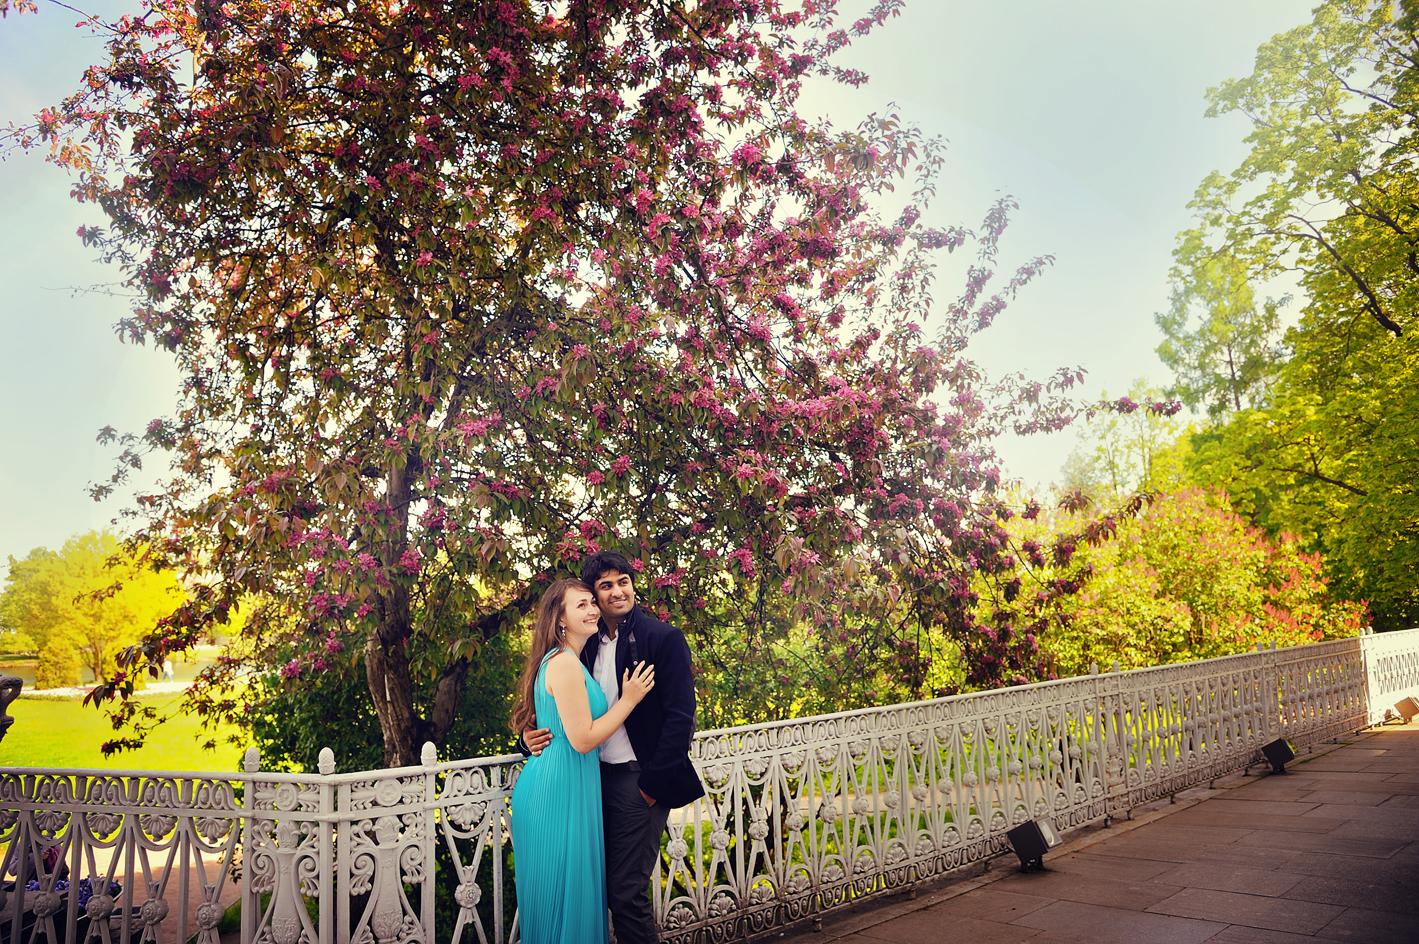 Выездная фотосессия в цветущем саду: http://steklo-foto.ru/articles/912